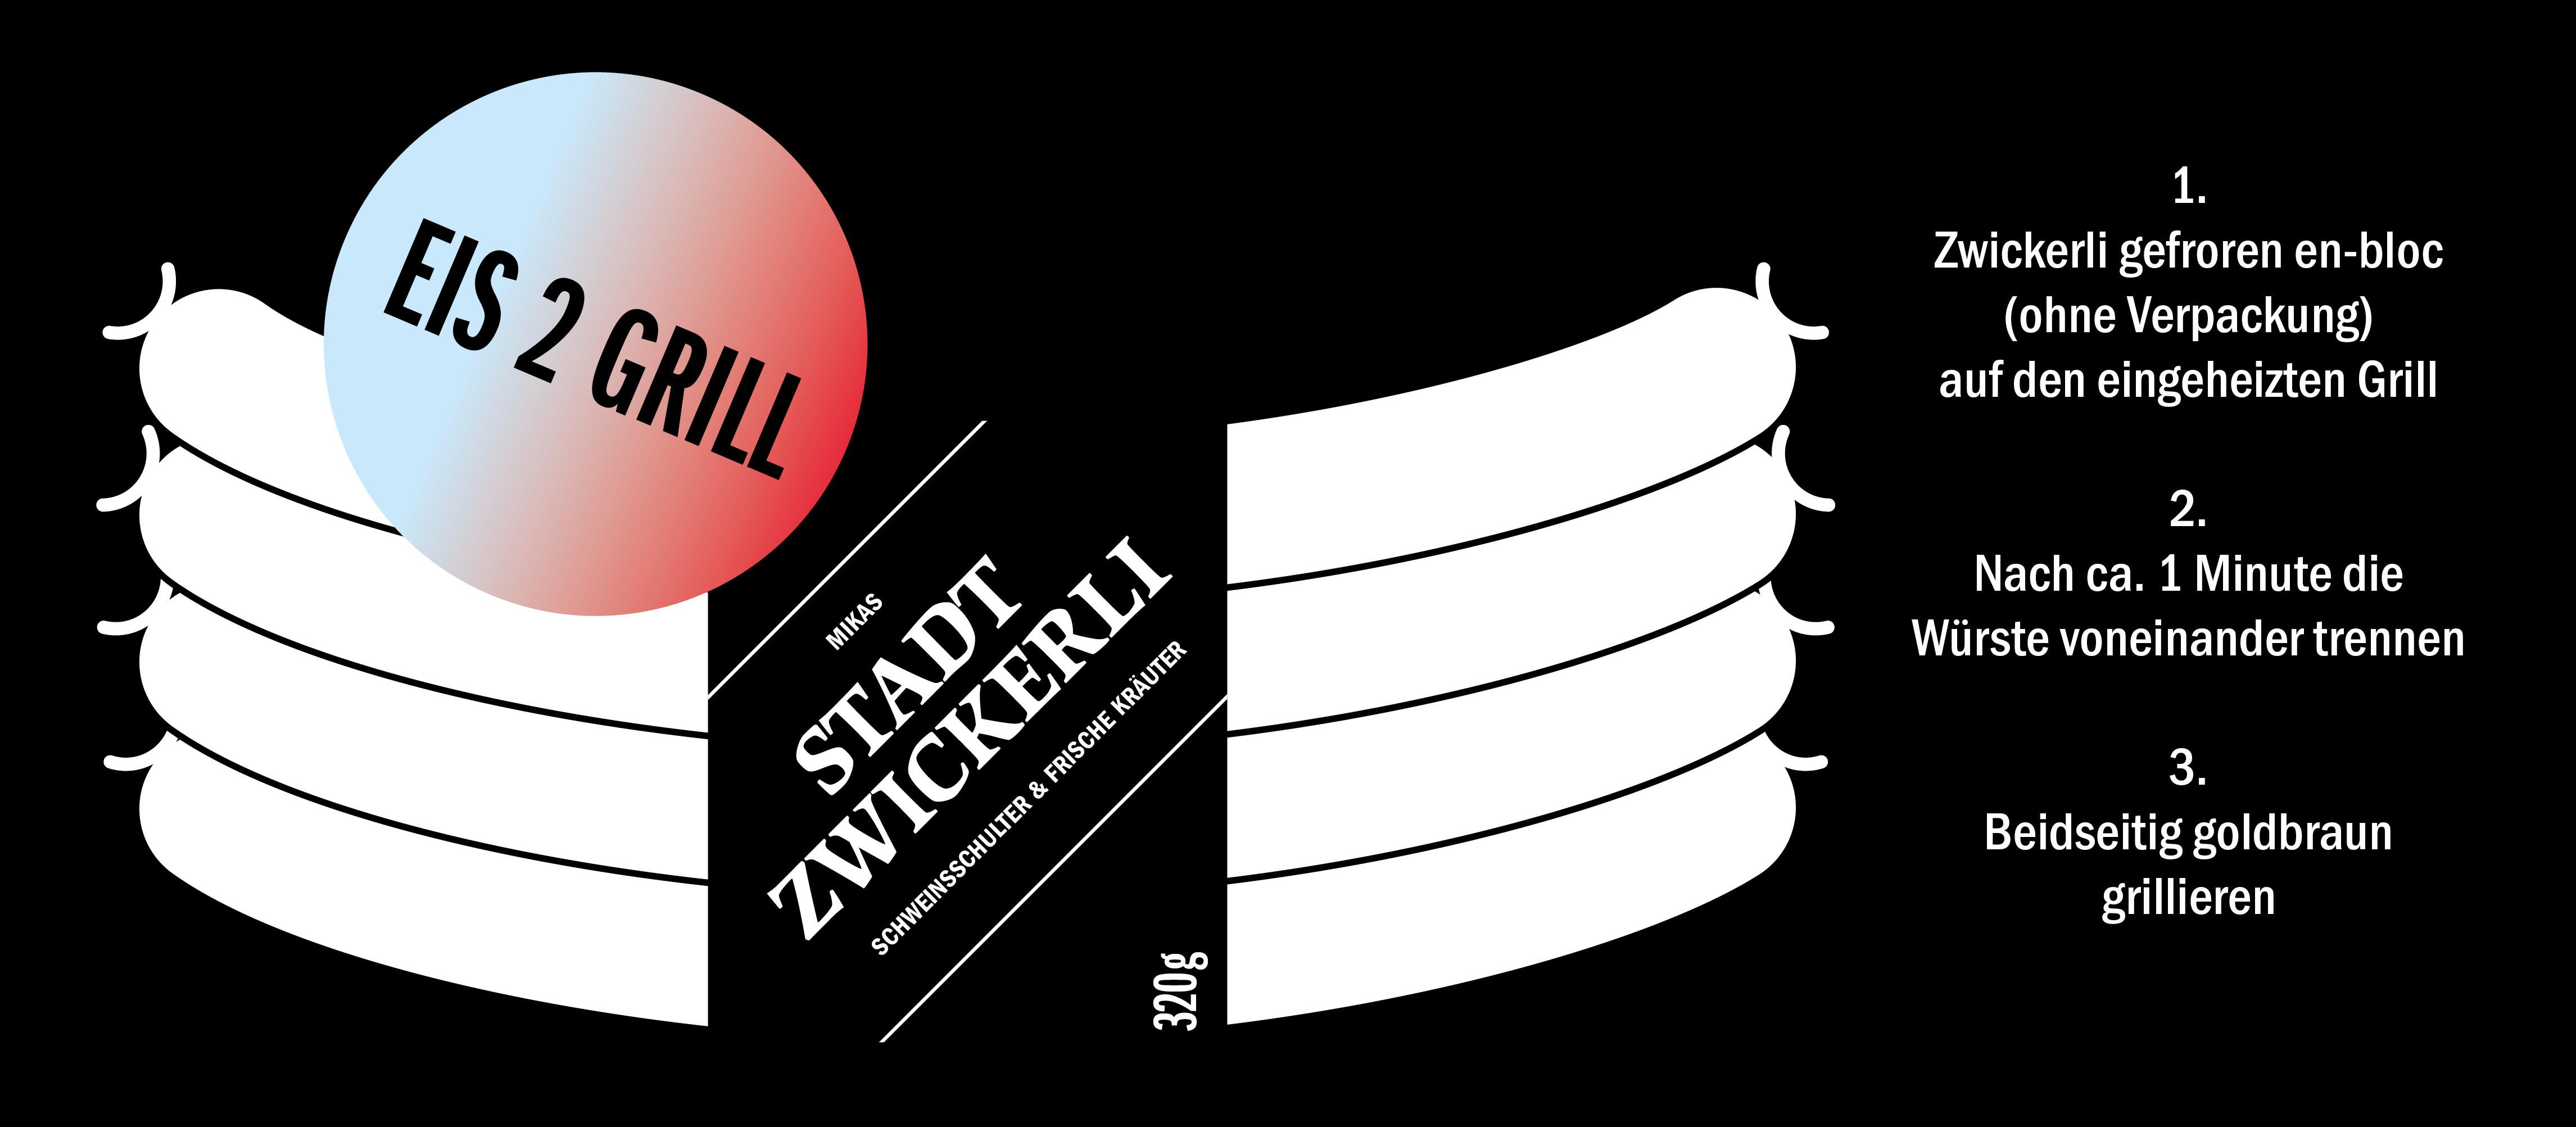 mikas Zwickerli EIS 2 GRILL - gefroren auf den grill_2